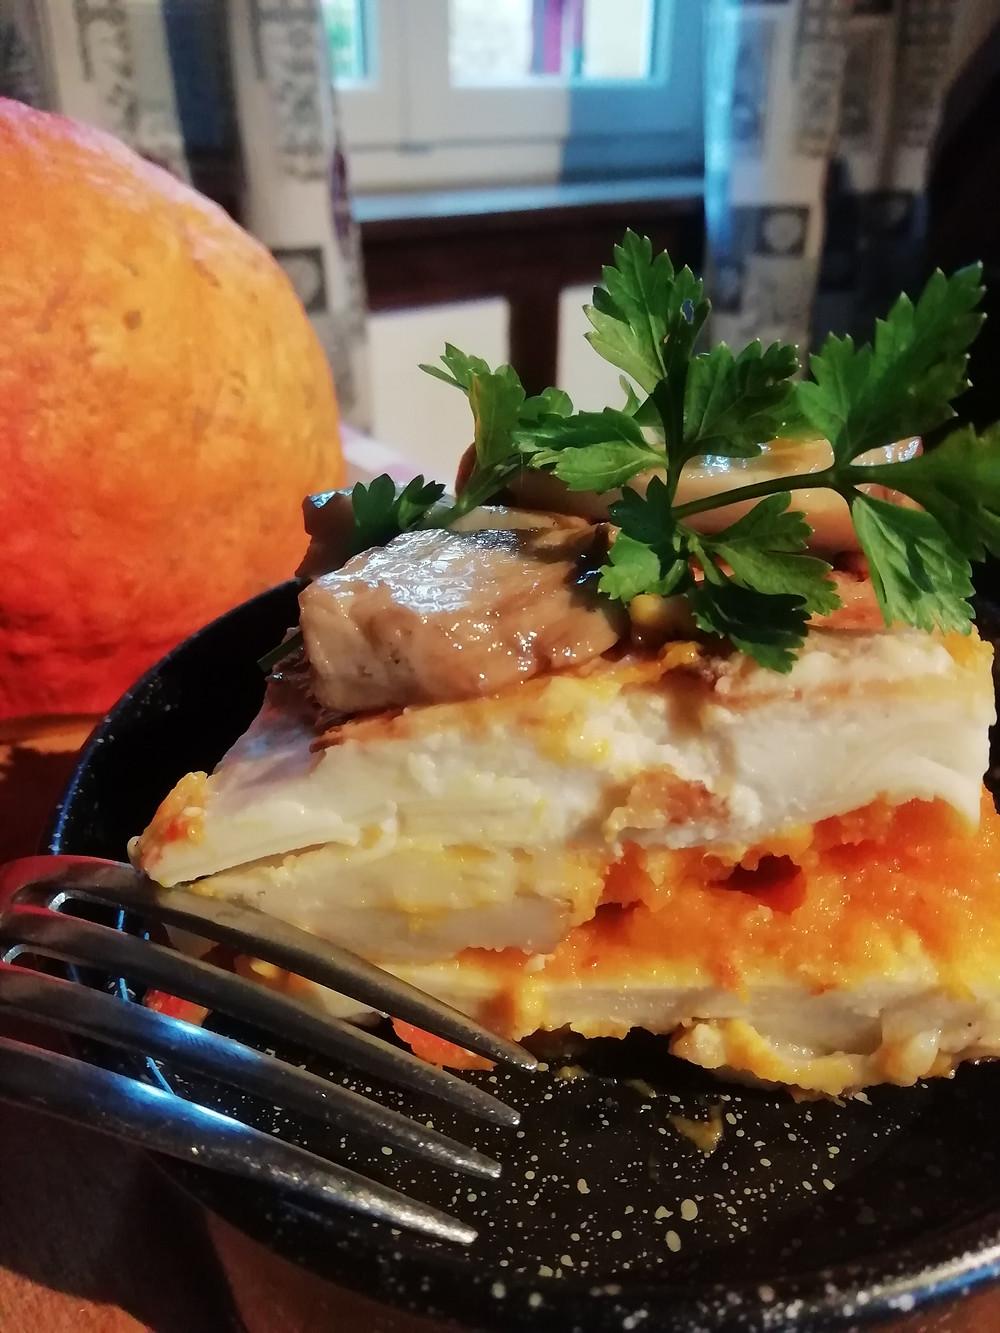 une recette de cuisine campagnarde gourmande avec des produits d'automne : les cèpes des forêts du Périgord et le potimarron du jardin de la Borie du Chevrier d